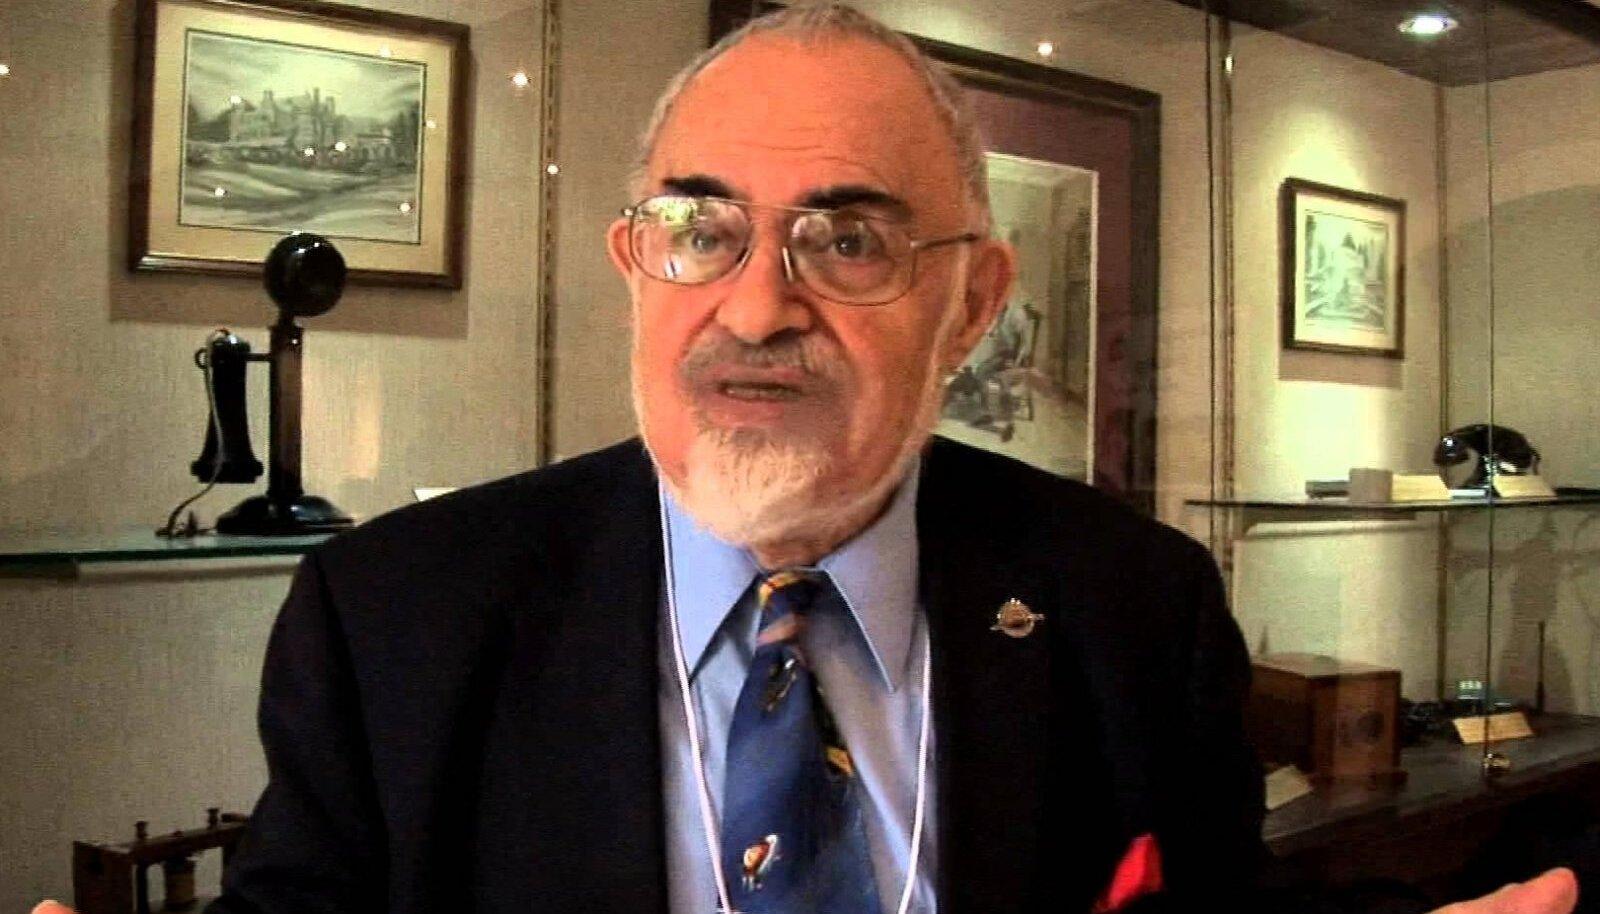 Tuumafüüsik, autor ja ufo-uurija Stanton T. Friedman on veendunud, et tulnukad on Maad külastanud